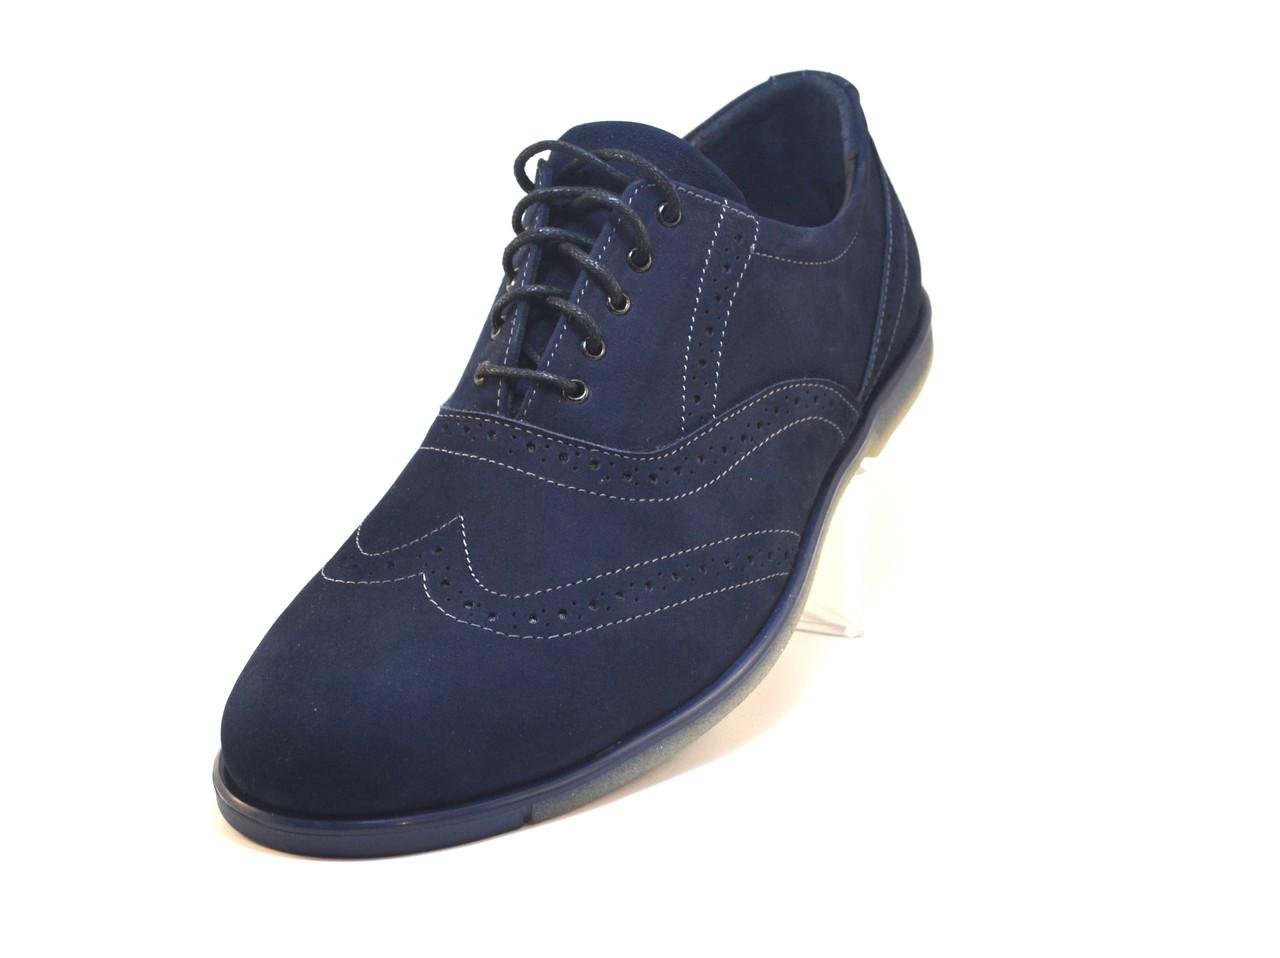 Туфлі чоловічі замшеві броги сині Rosso Avangard Persona Delizia Camoscio Blu